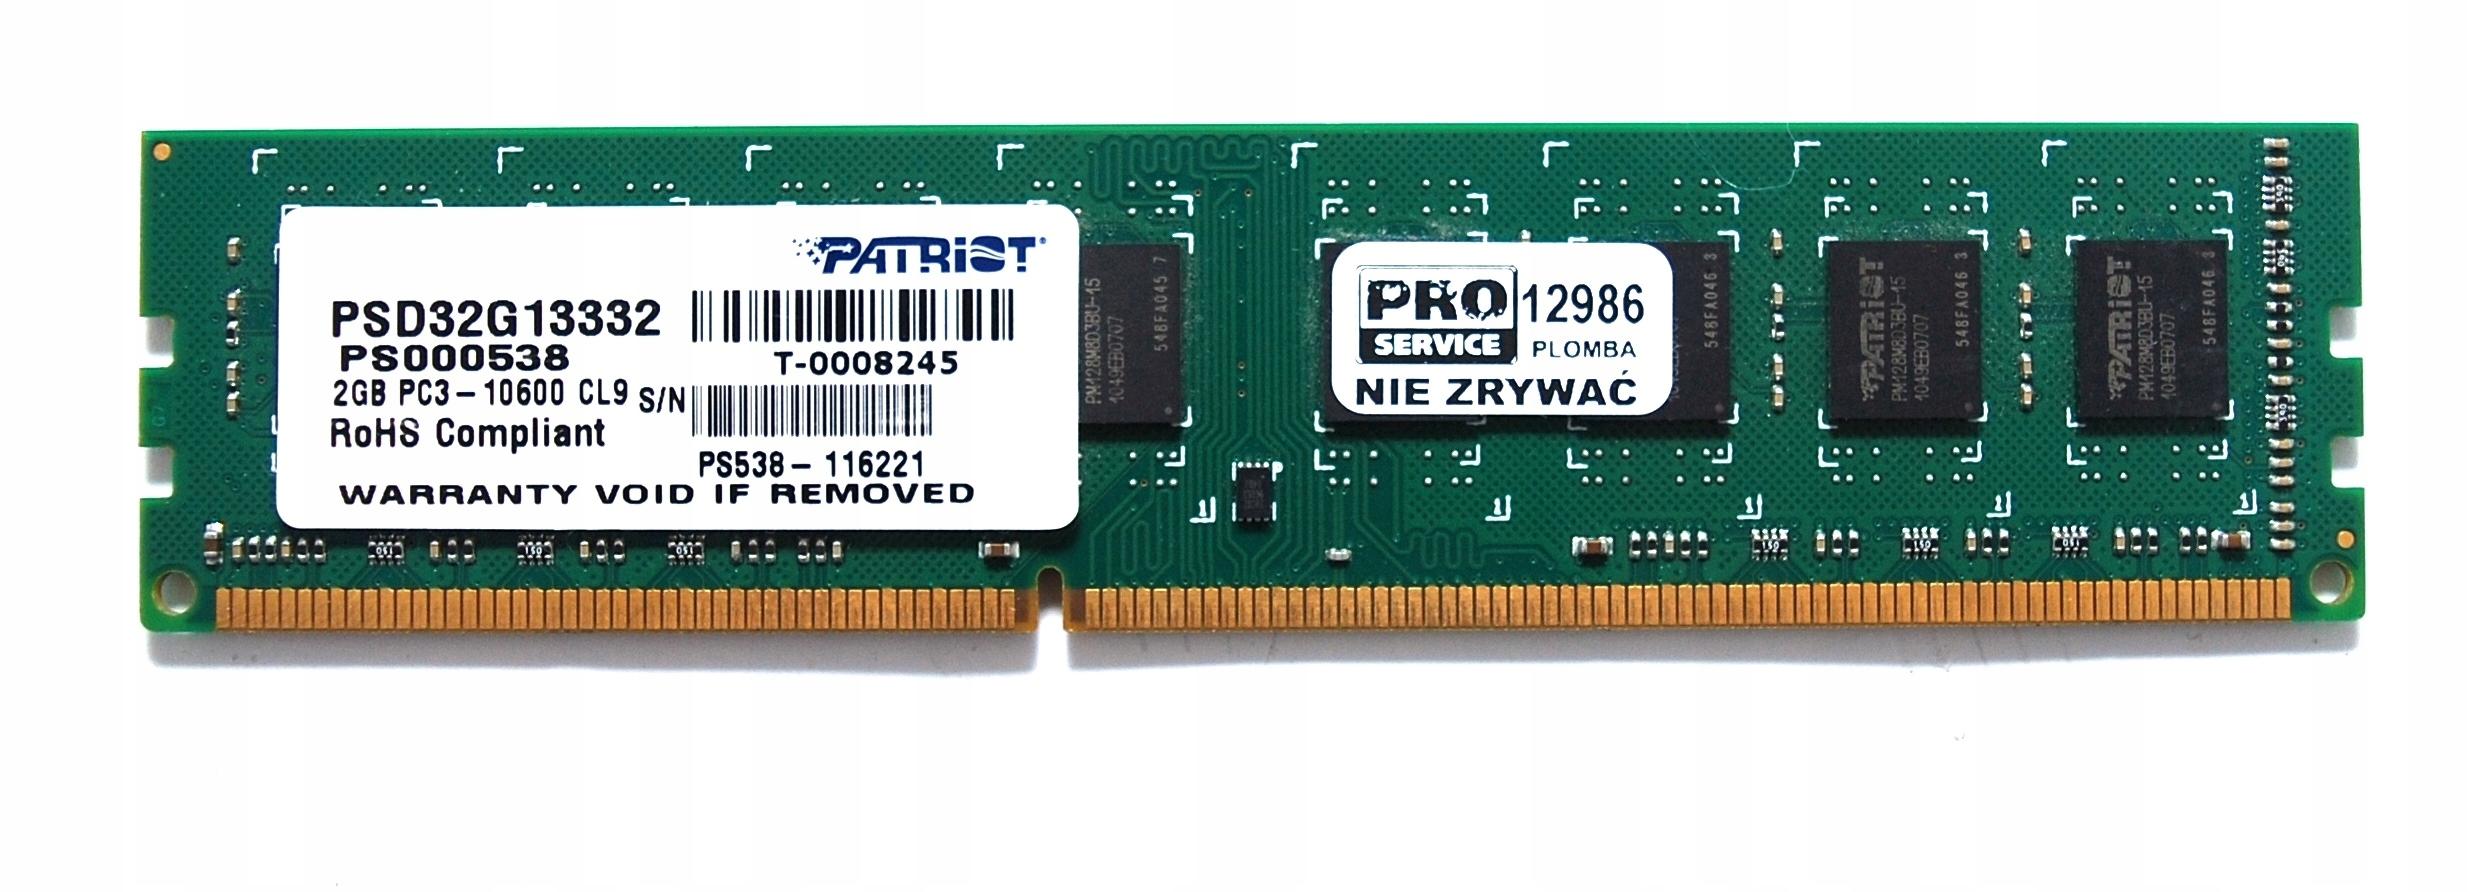 RAM DDR3 Patriot 2GB 1333 MHz FV GW 12986